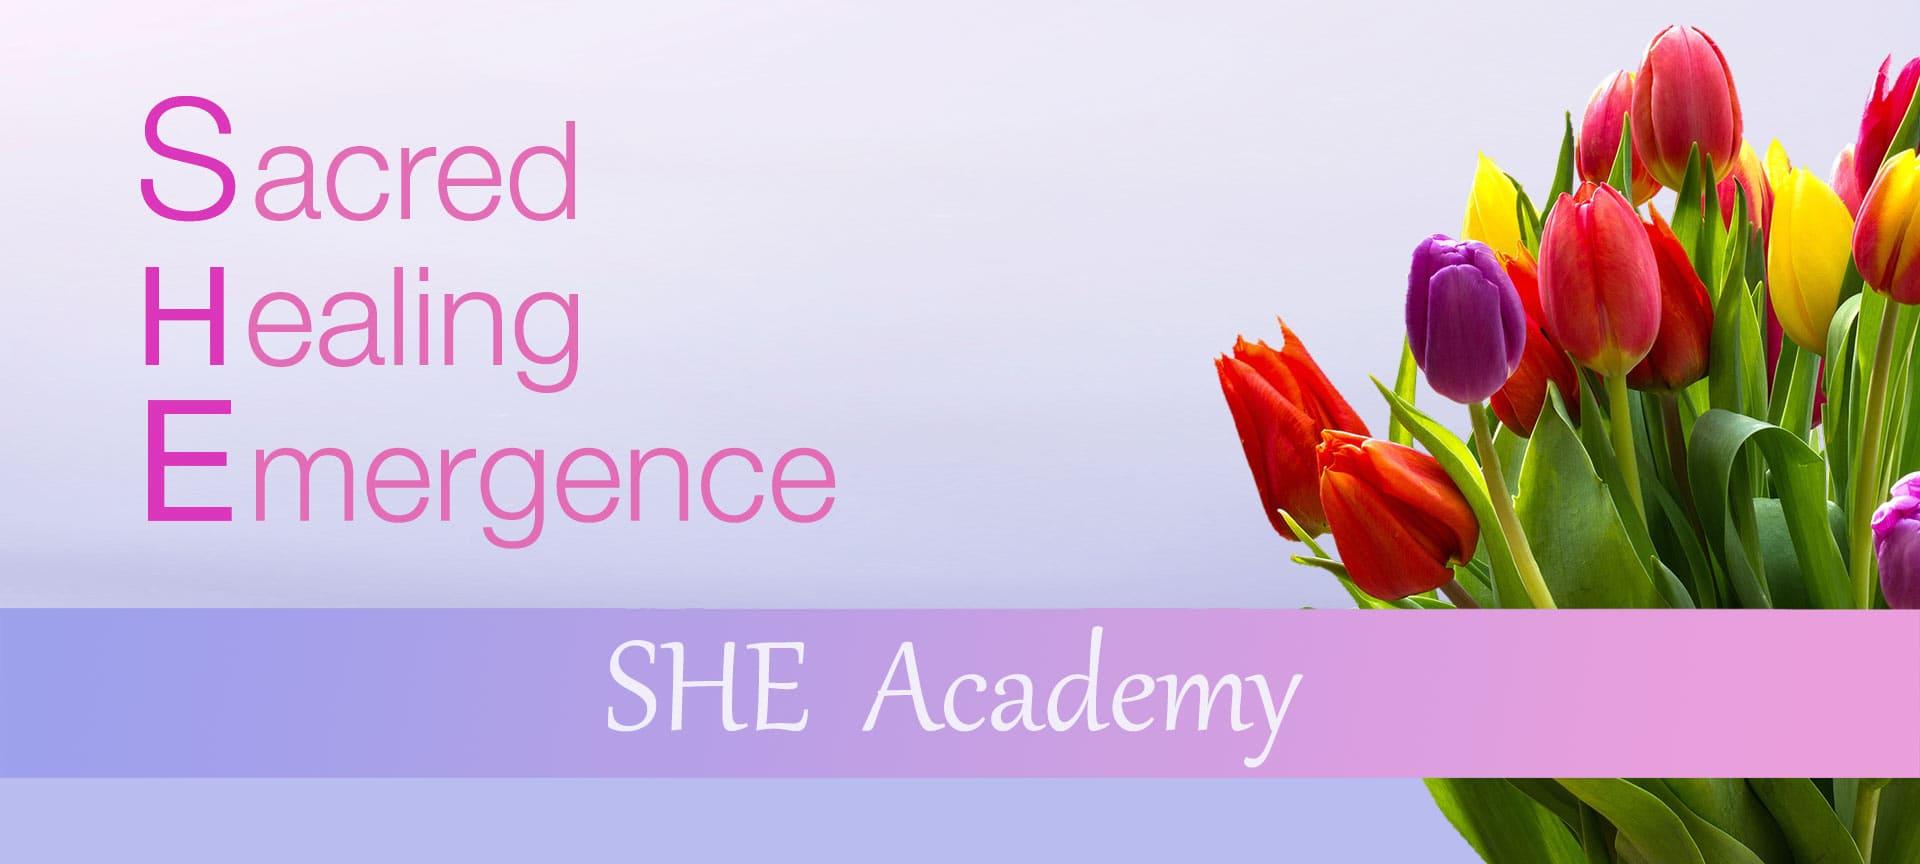 SHE-Academy-splash-v4@1920w